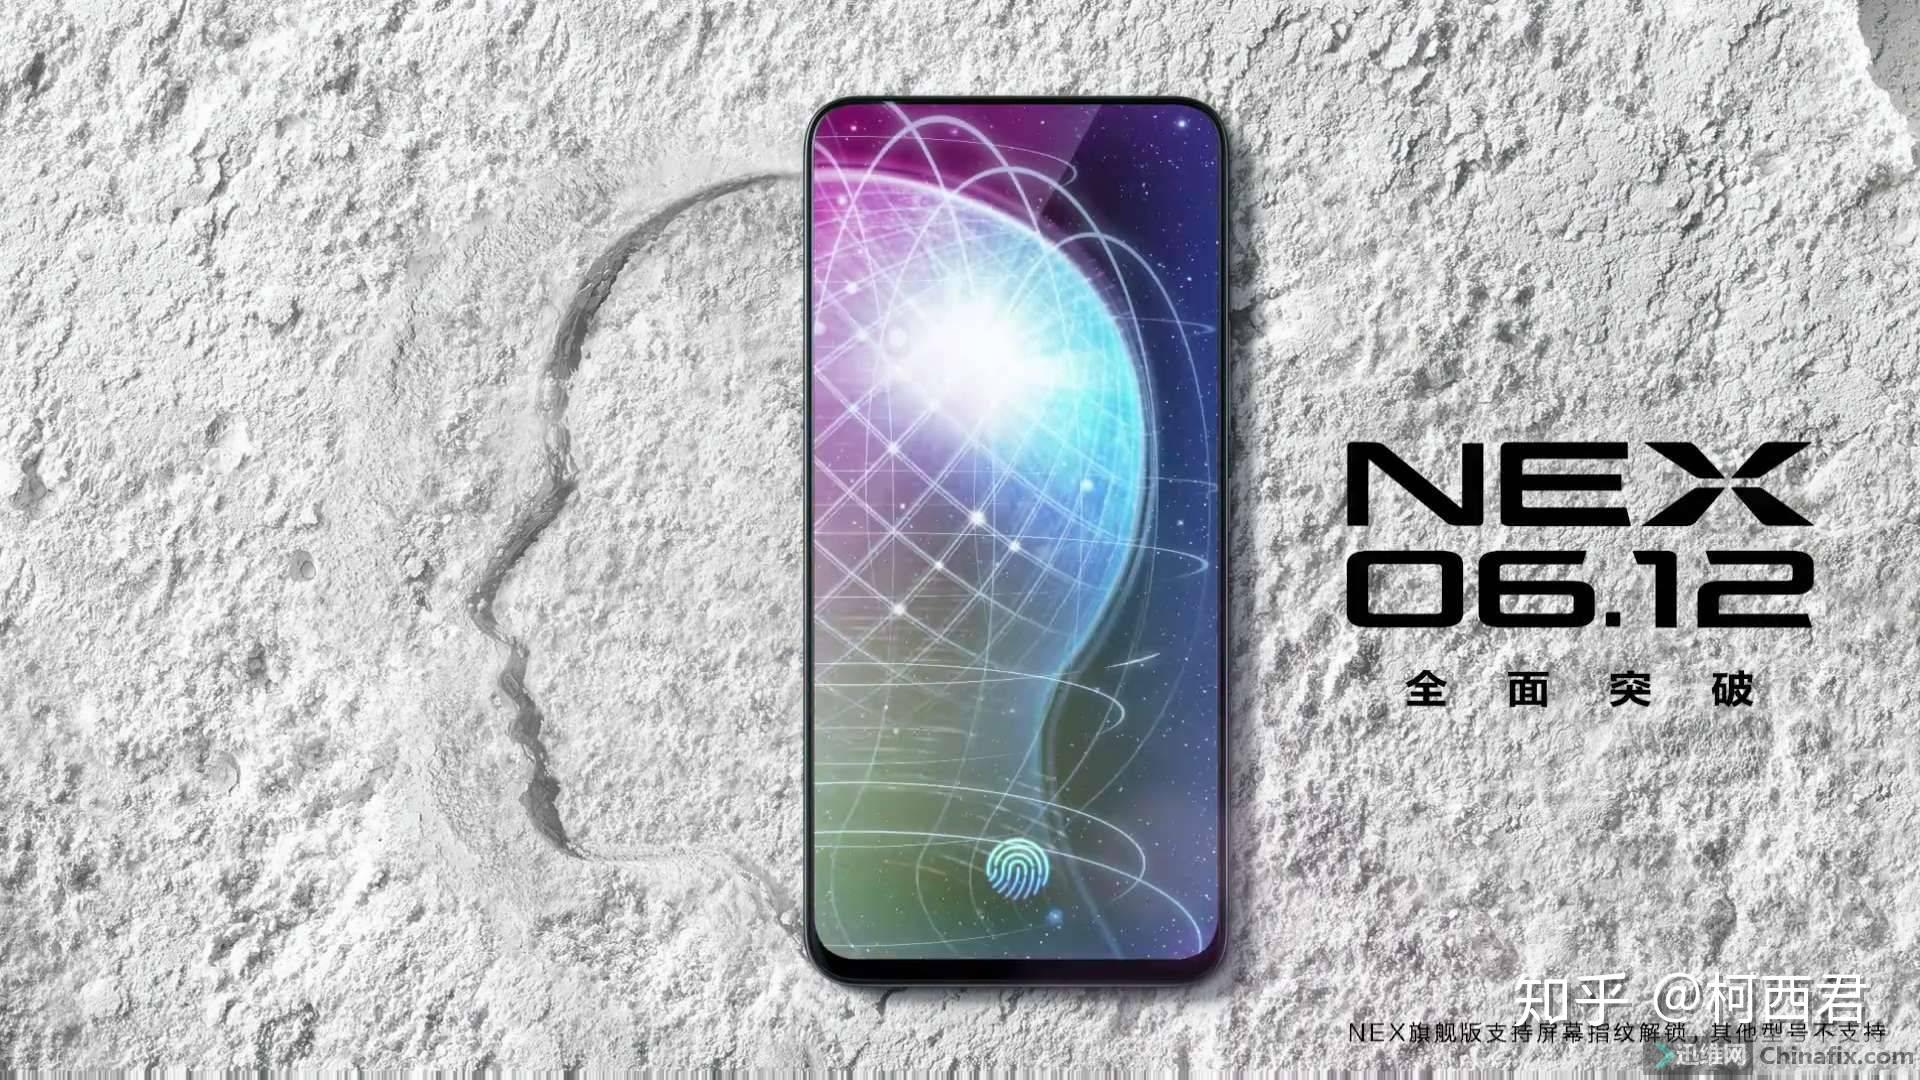 如何评价vivo最新发布的vivo NEX全面屏手机?-1.jpg